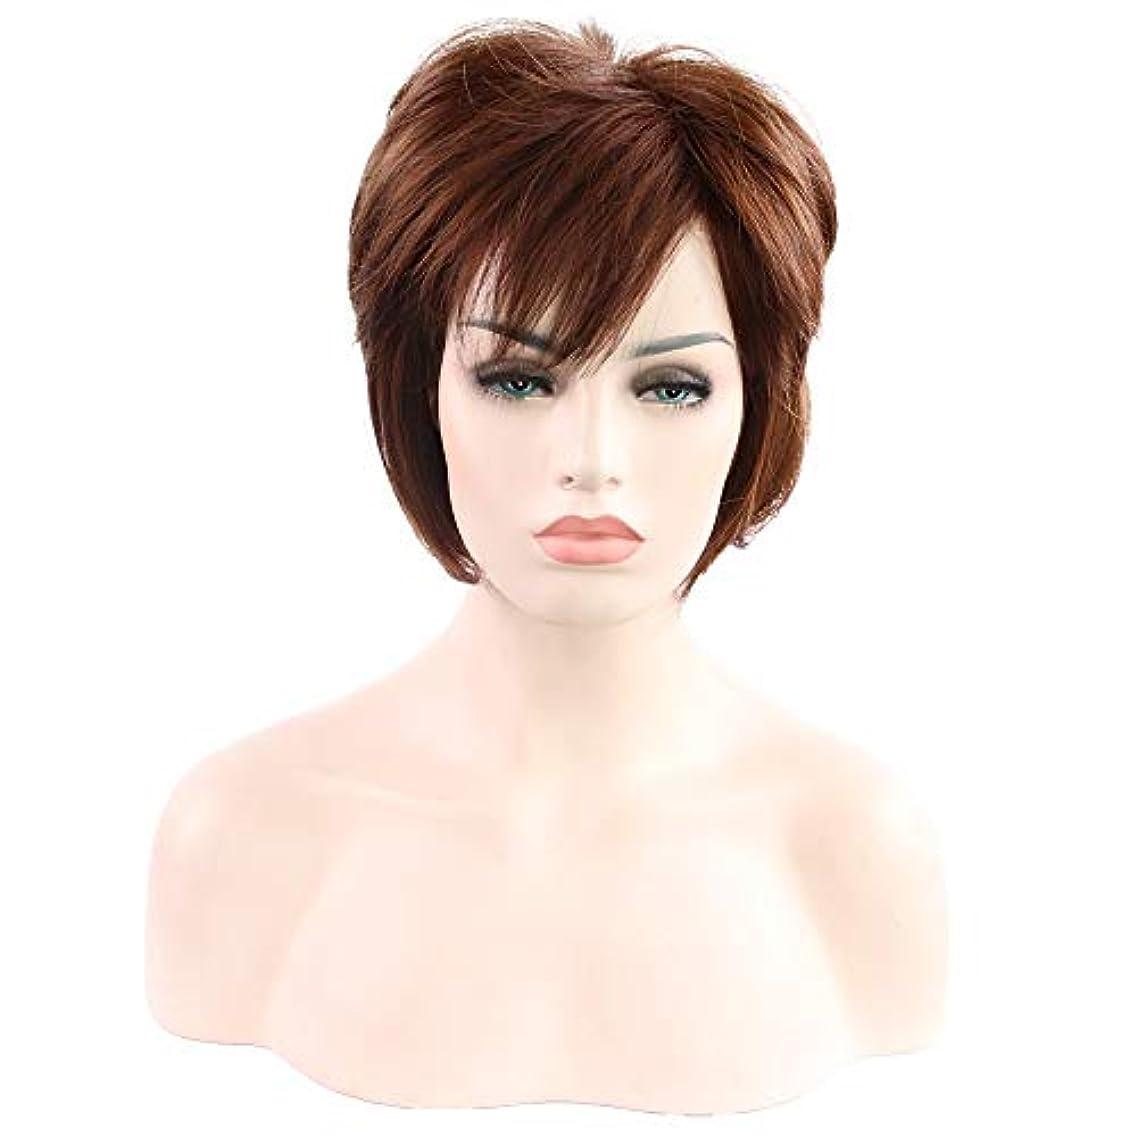 ルール湿度コカイン女性用ブラウンショートカーリーヘアウィッグ自然髪ウィッグ前髪付き合成フルヘアウィッグ女性用ハロウィンコスプレパーティーウィッグ